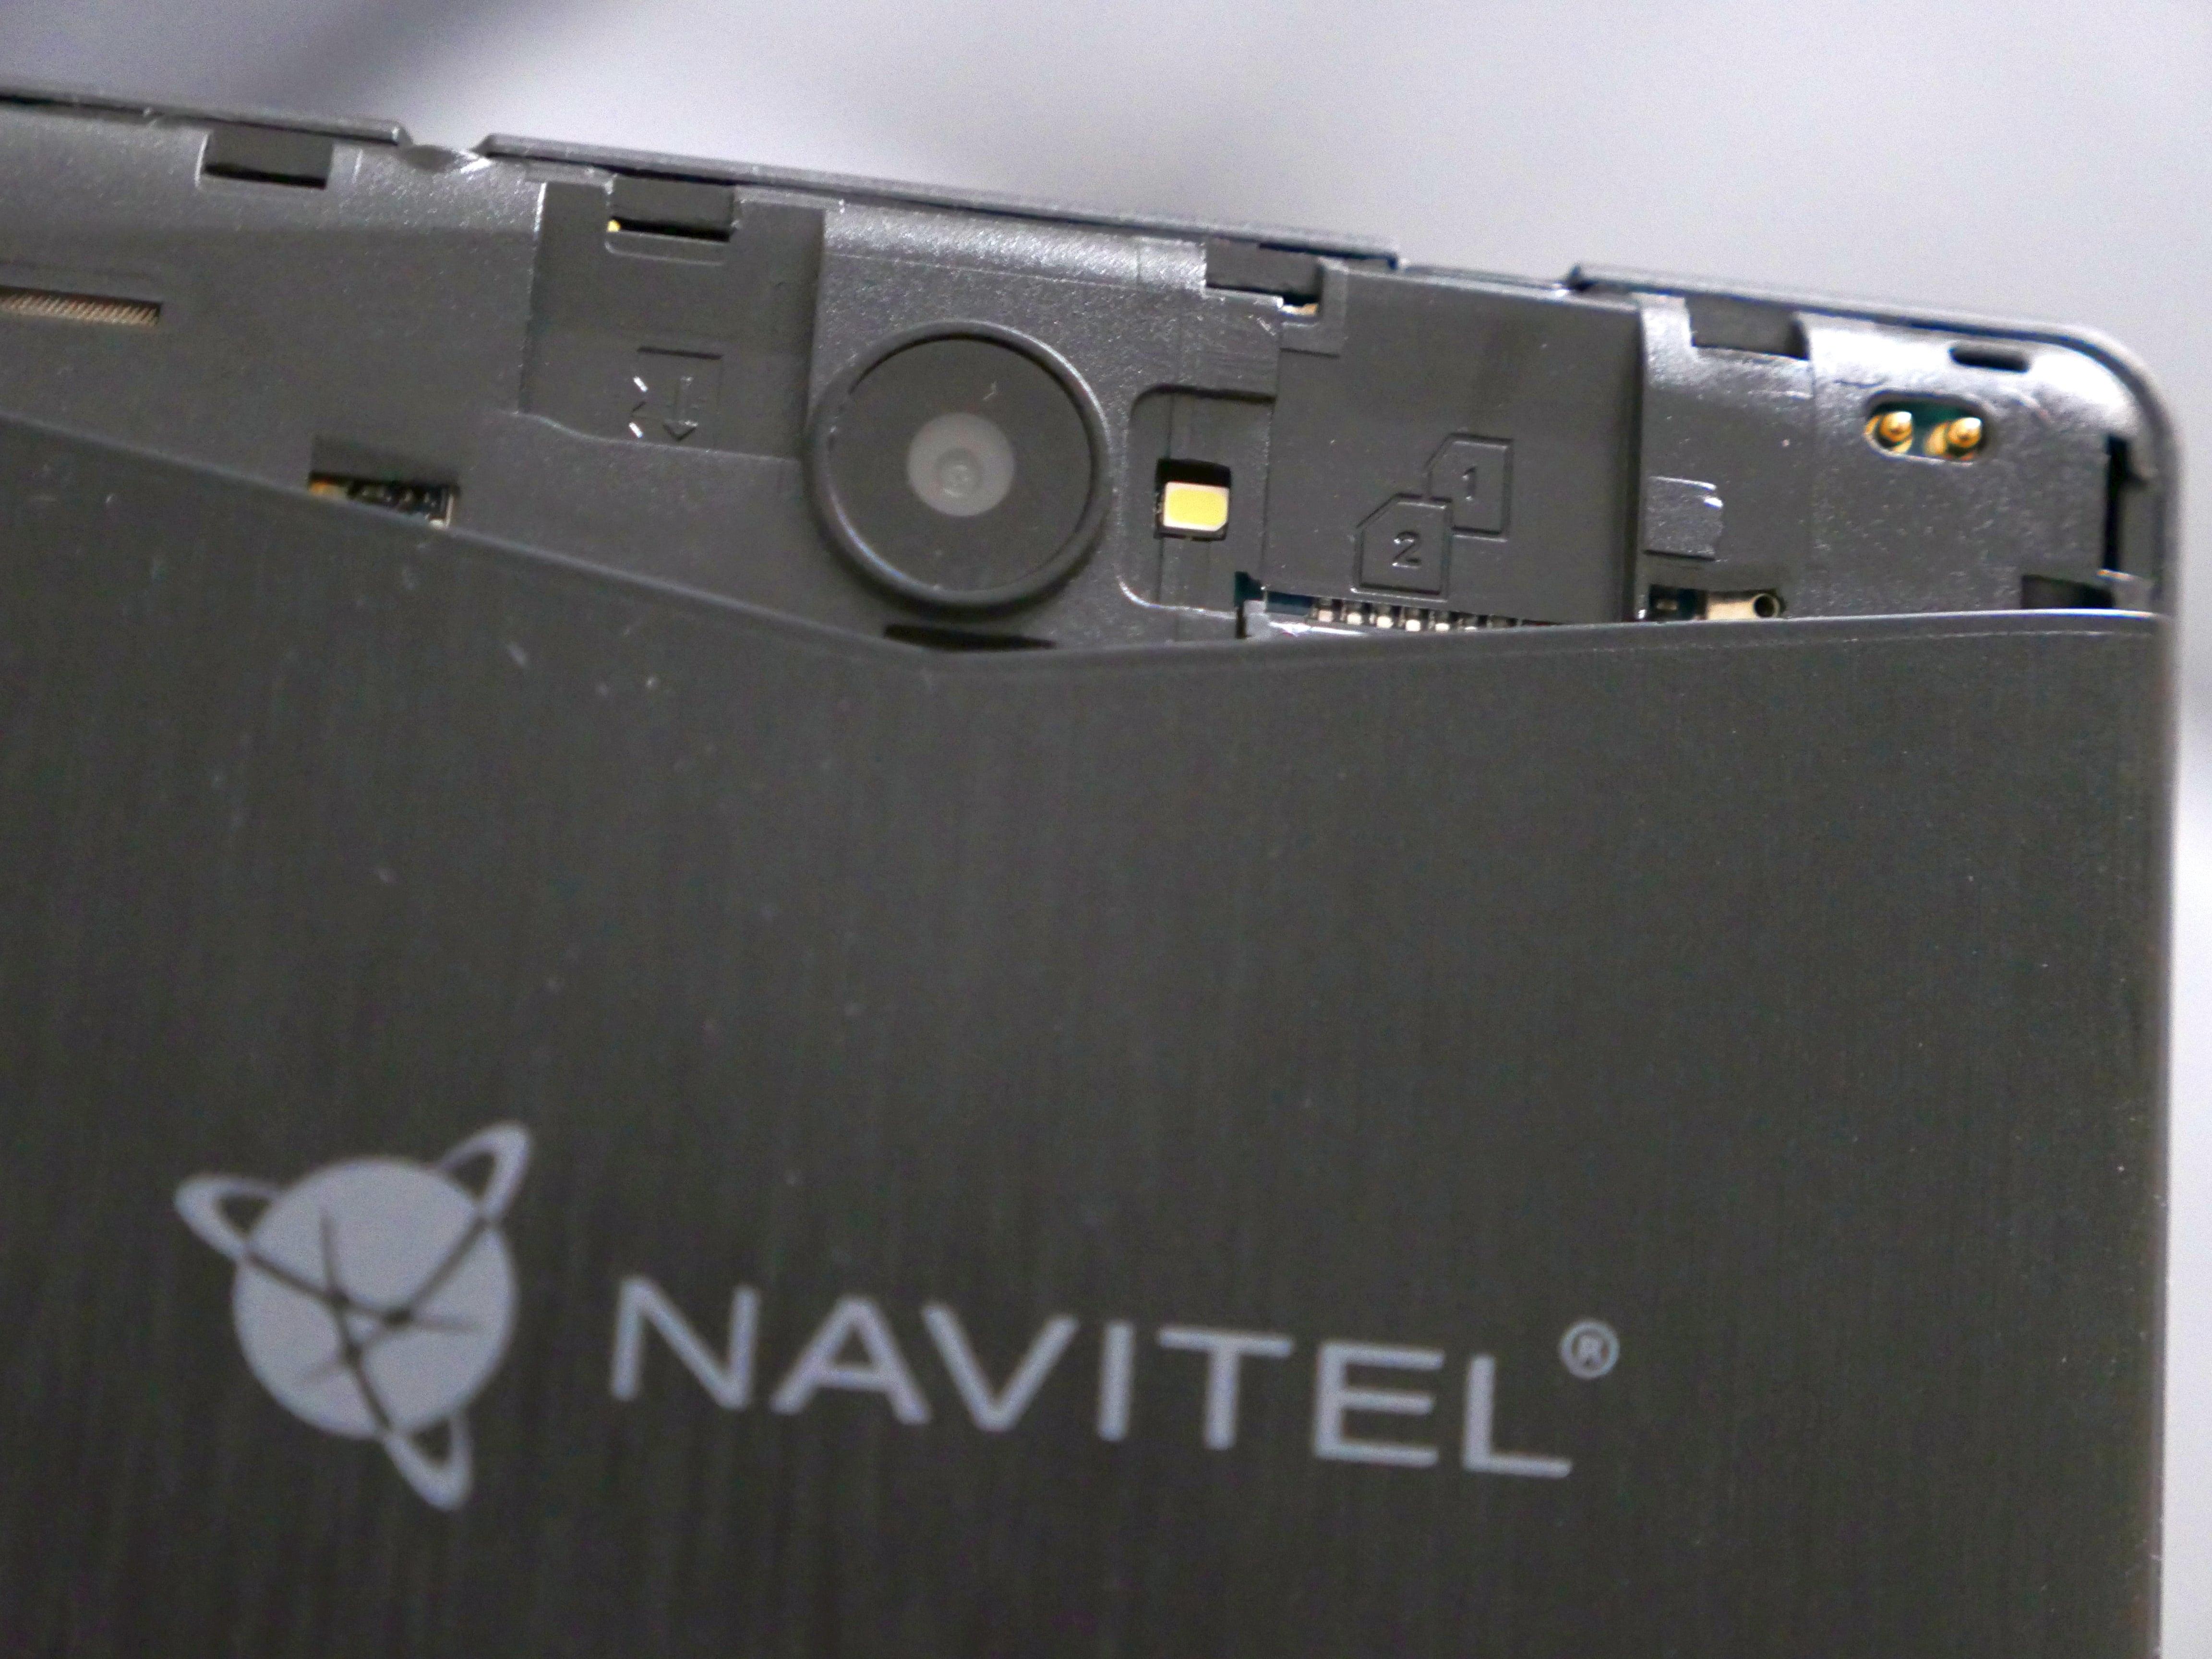 Recenzja Navitel T500 3G - jednego z najtańszych tabletów dostępnych na rynku 21